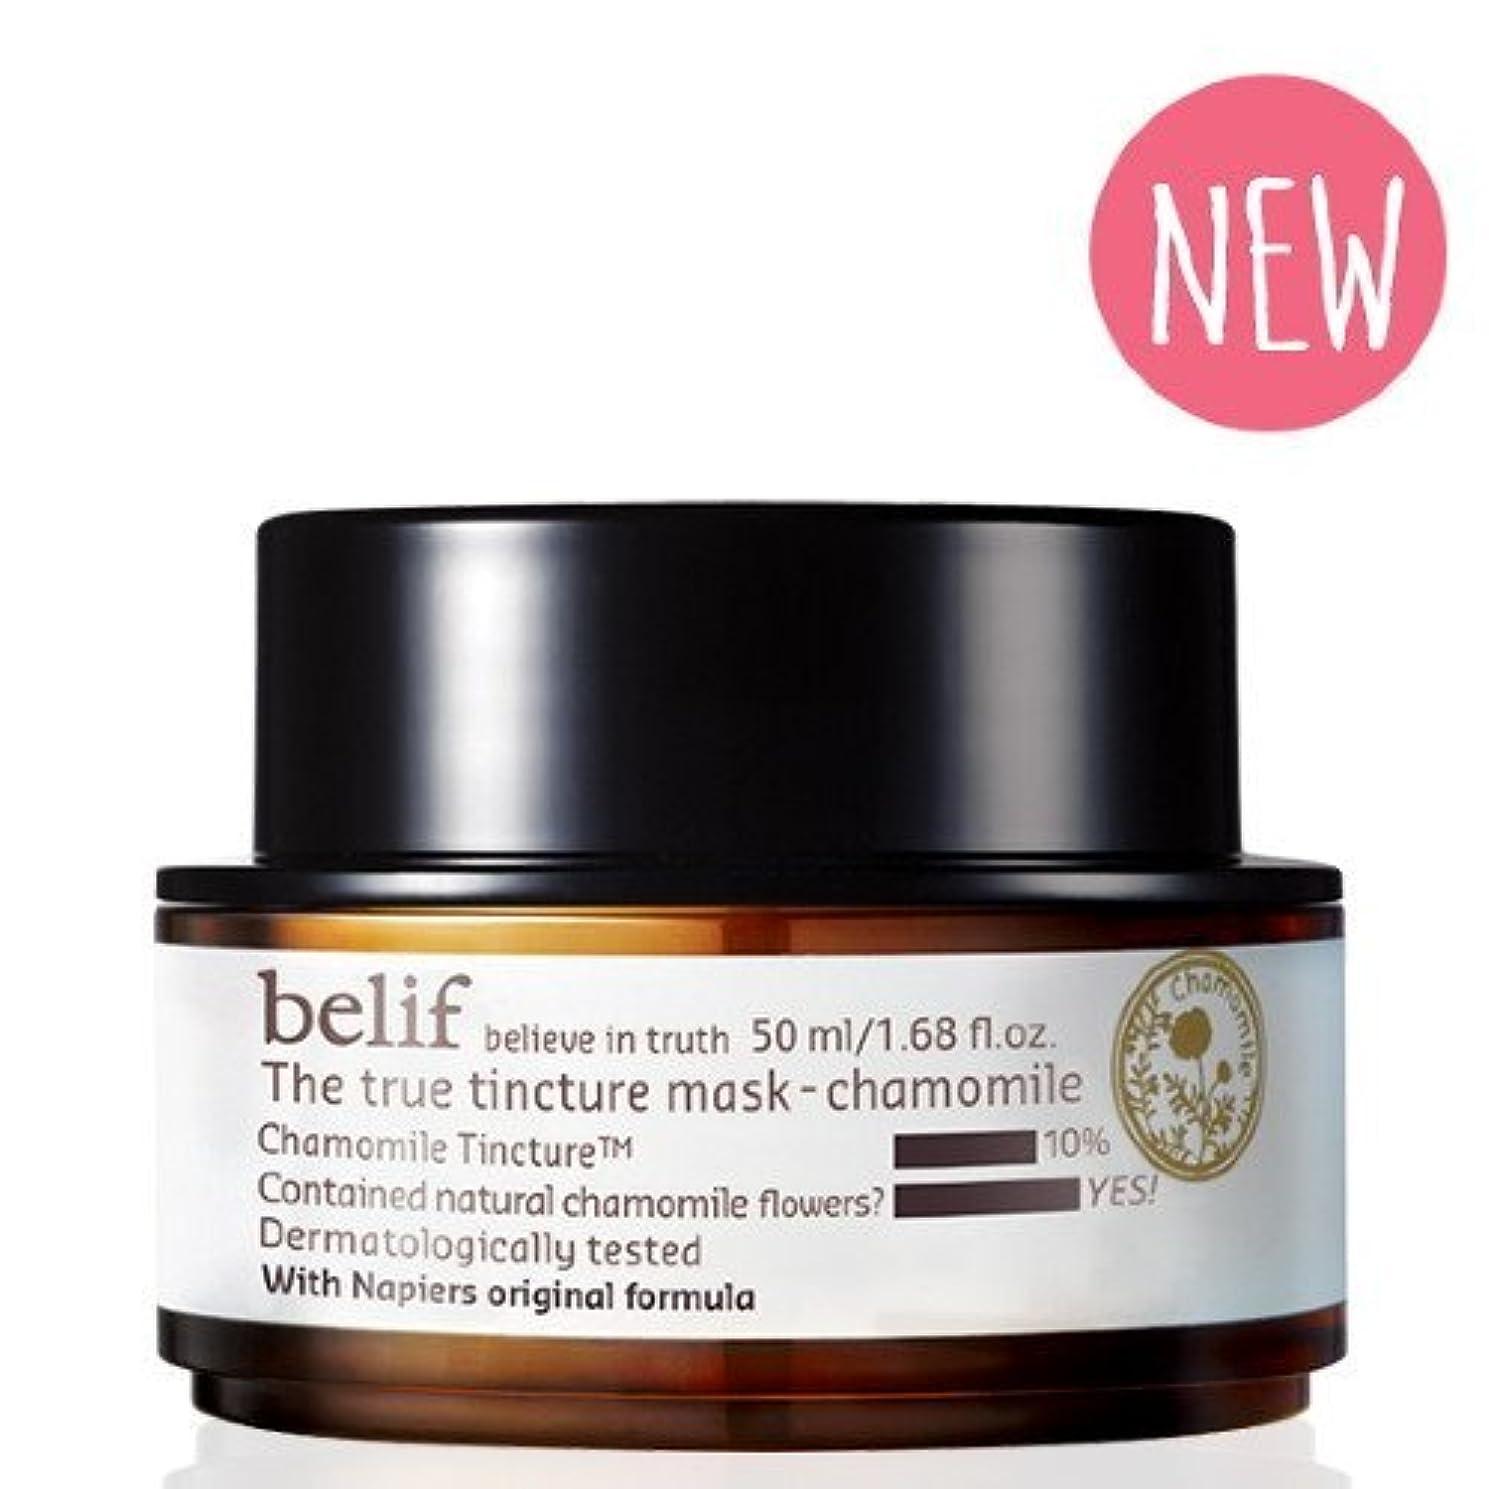 悲惨な不満幸運2016 New - Belif The True Tincture Mask chamomile [並行輸入品]